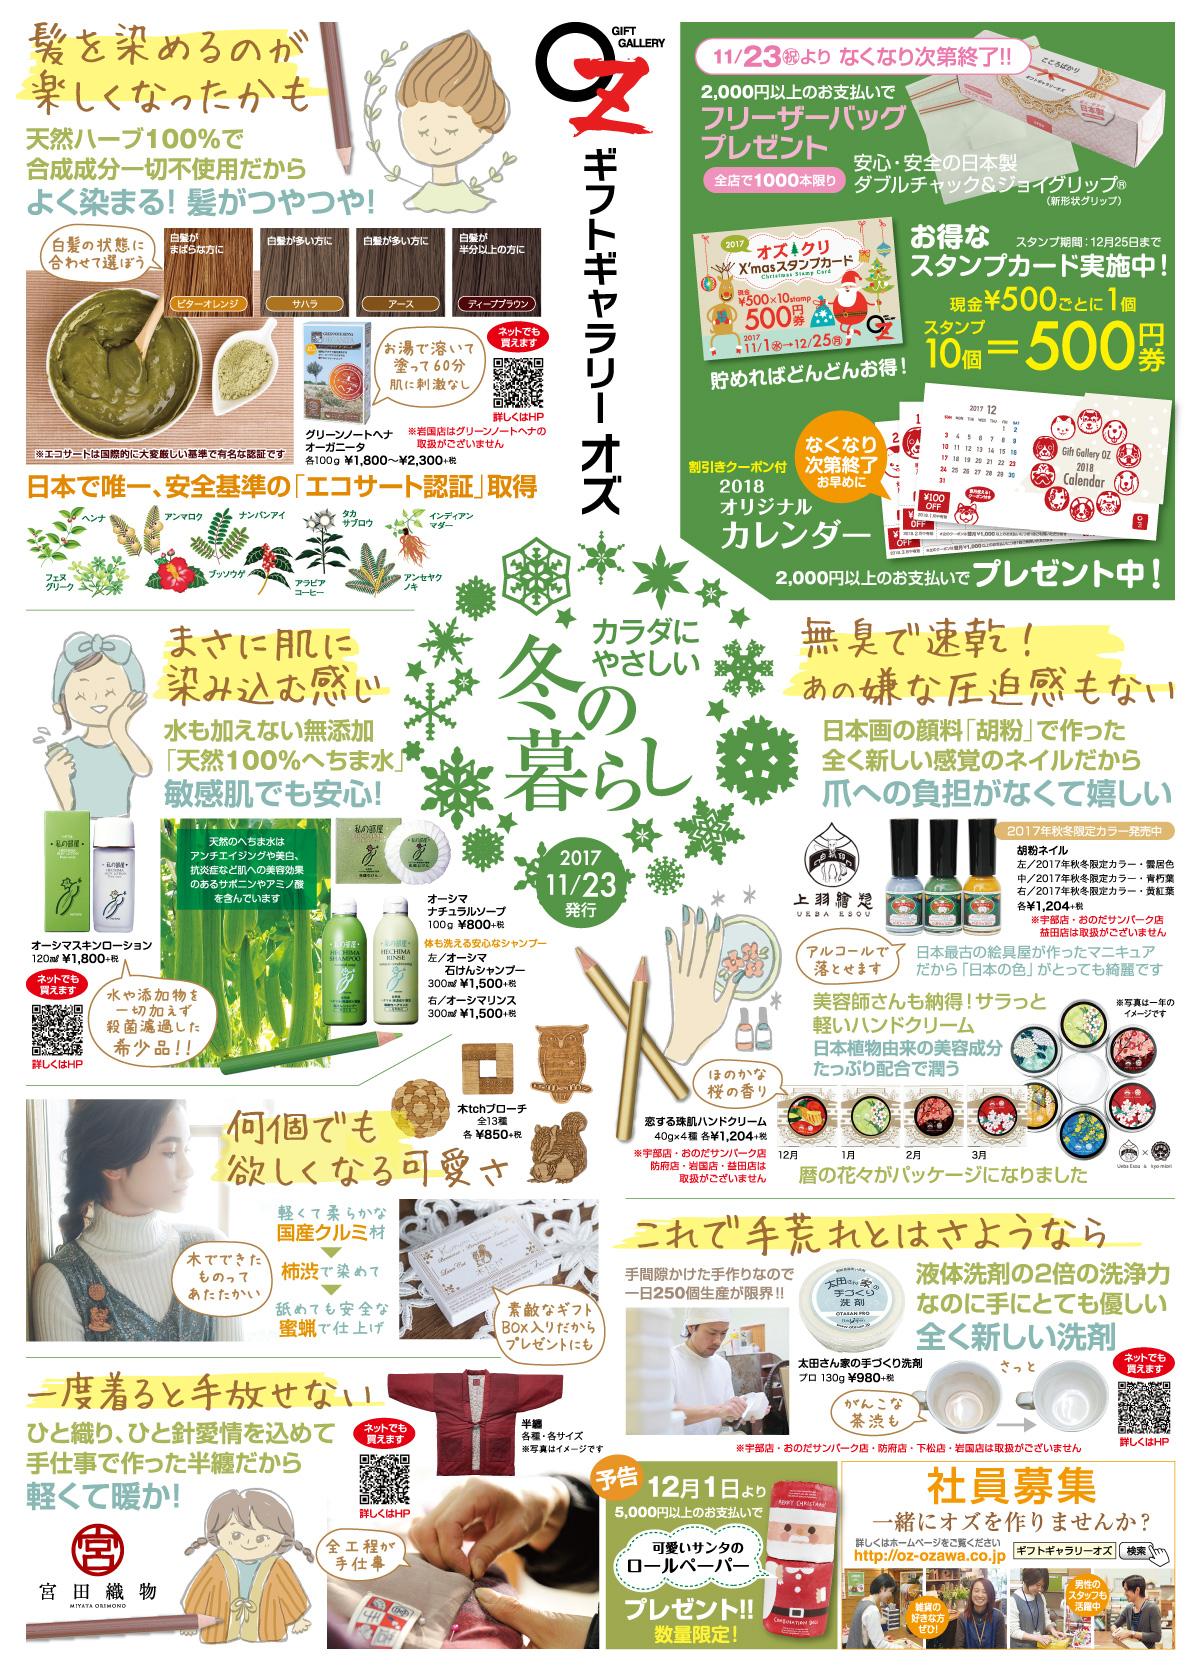 カラダにやさしい冬の暮らし 特集(2017/11/23~) イメージ